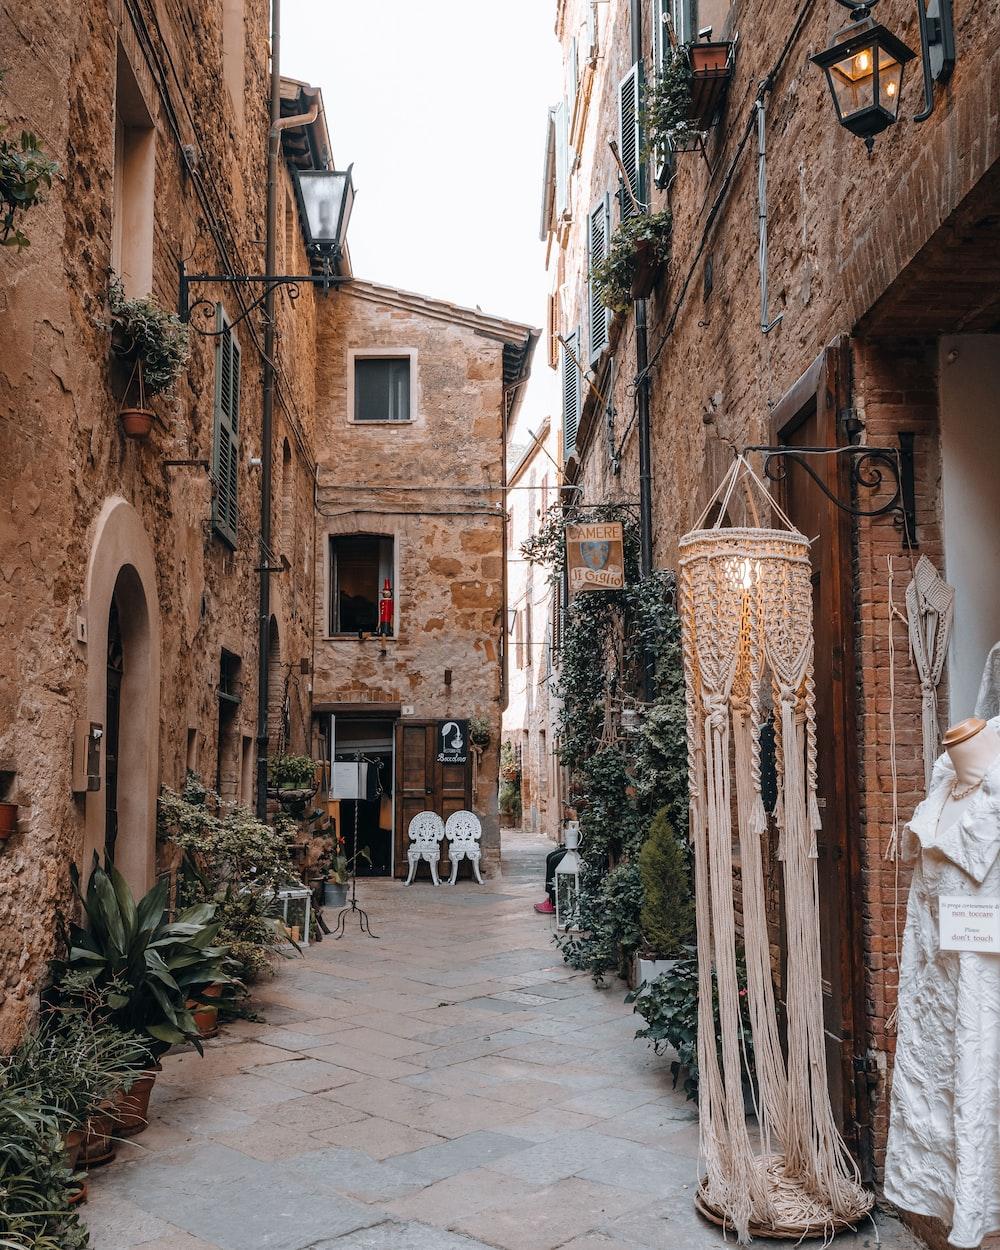 people walking on street between brown concrete buildings during daytime